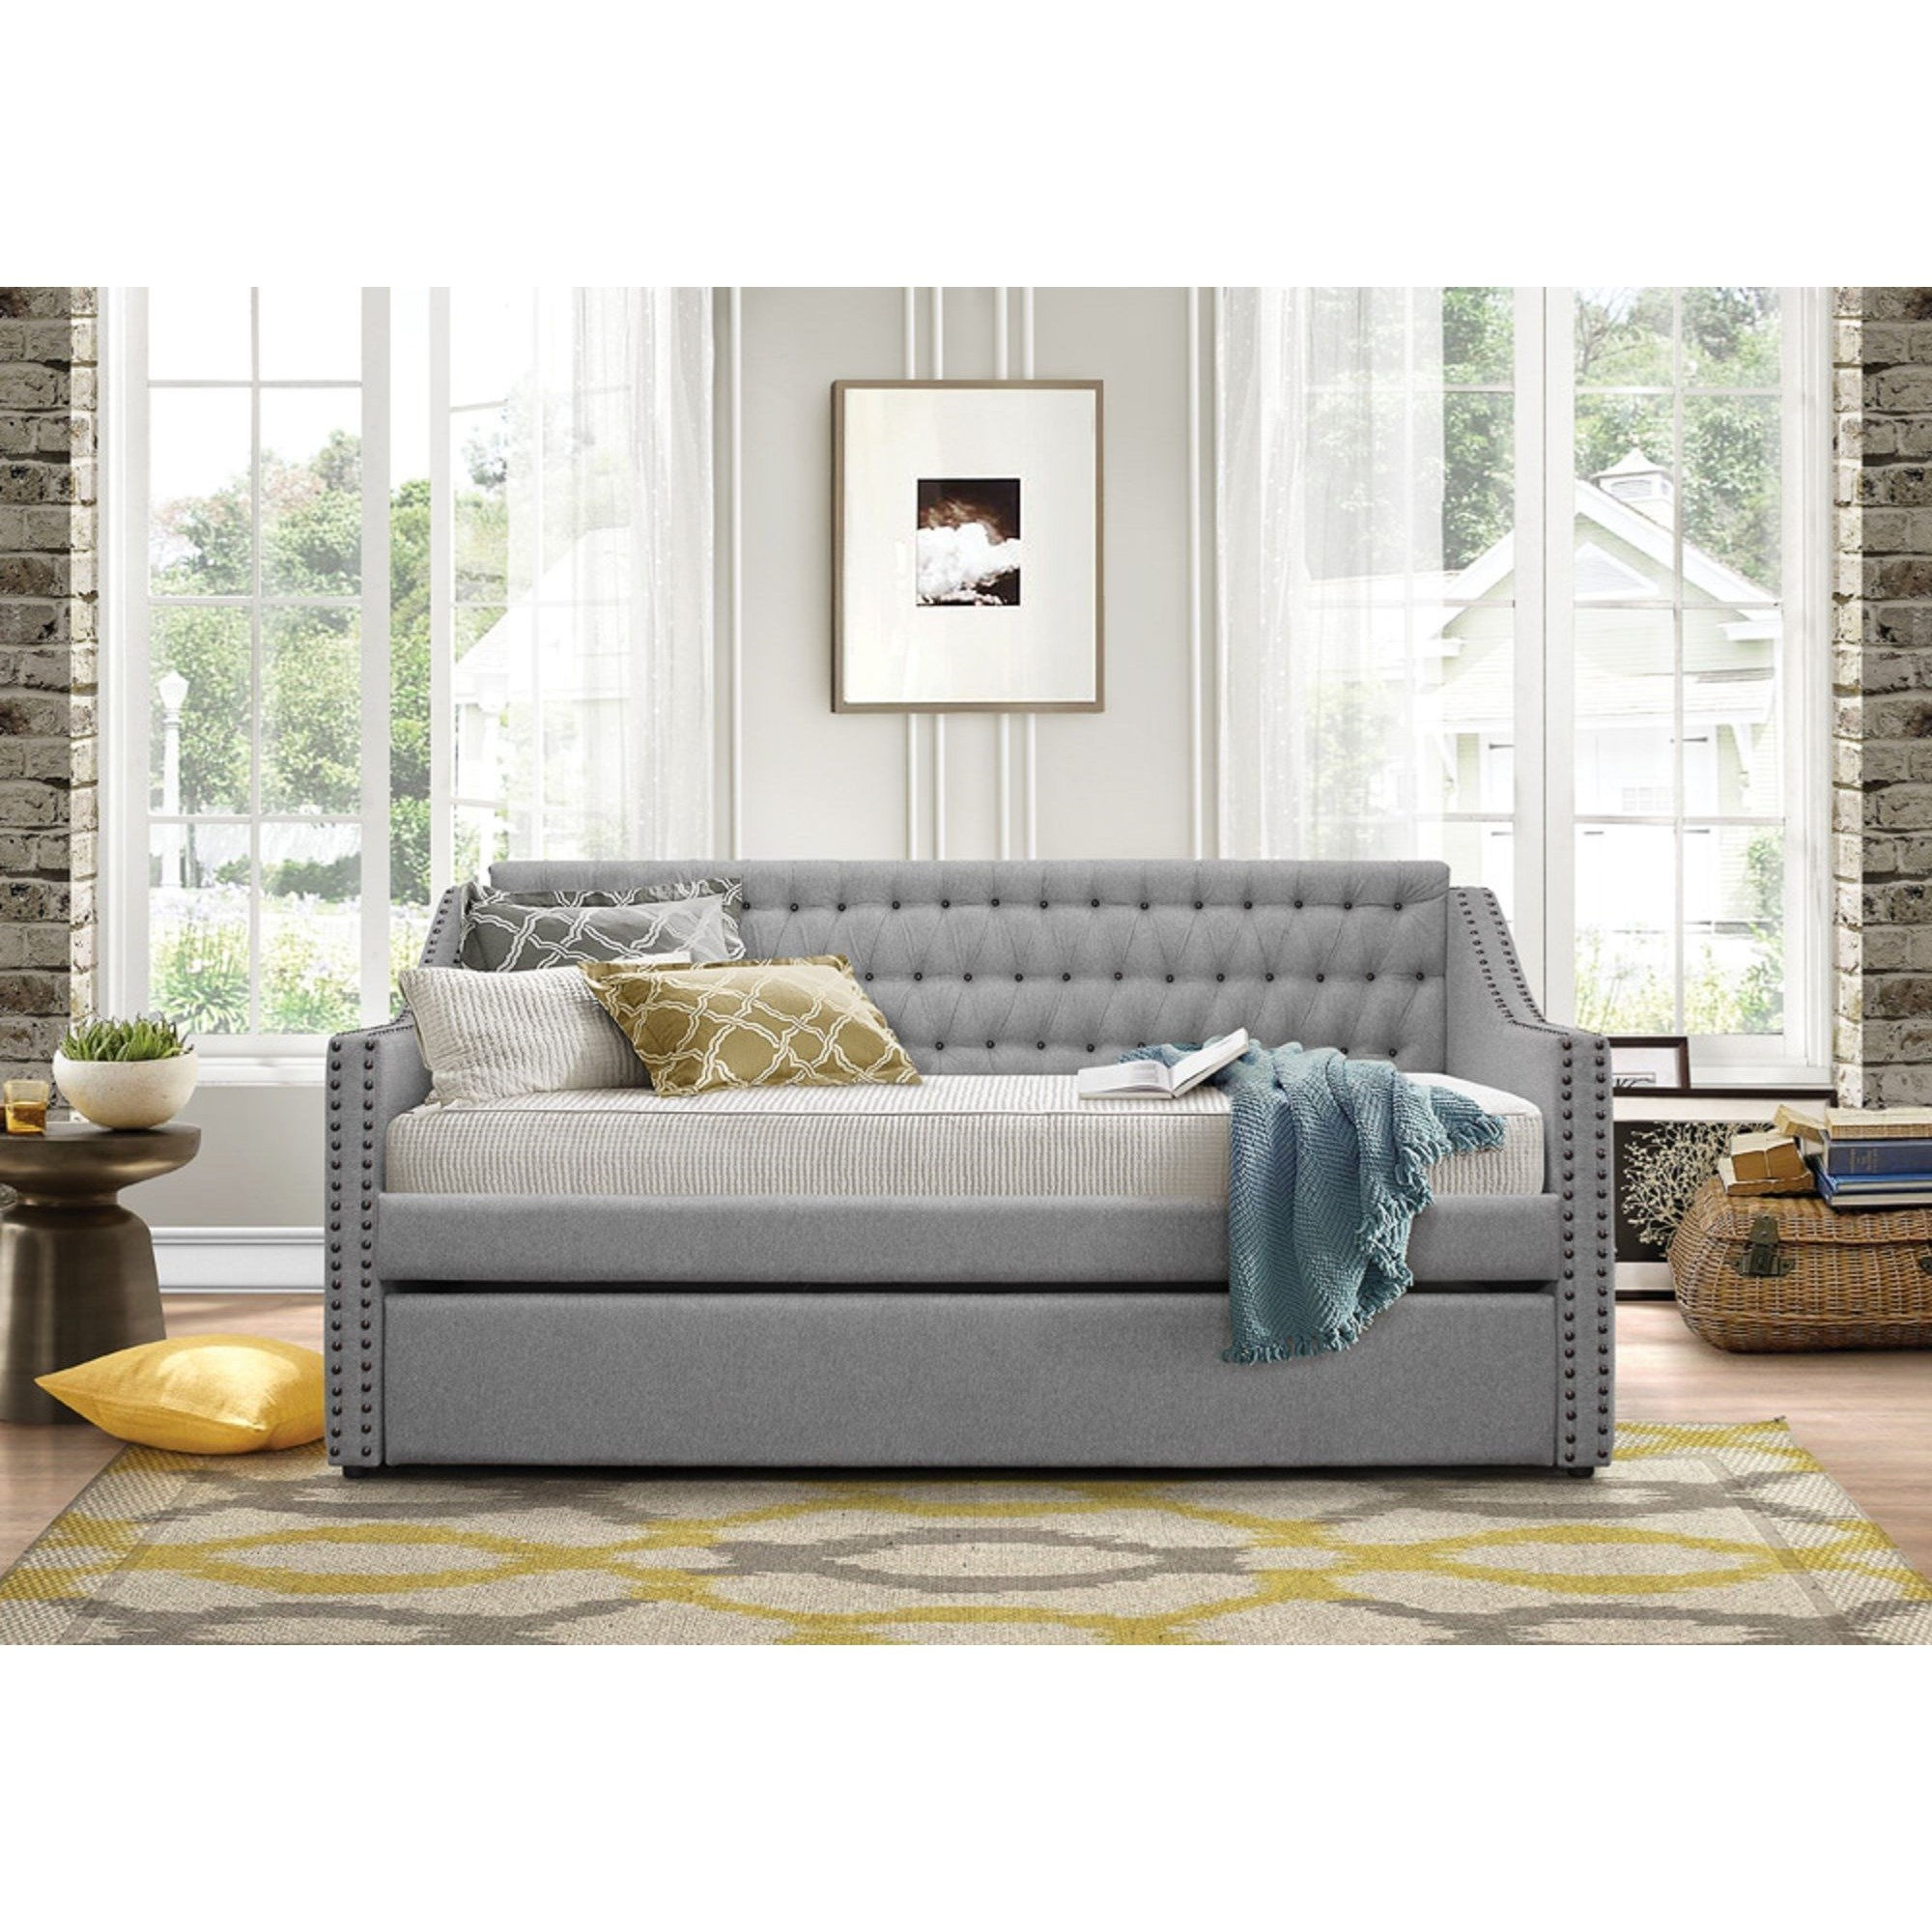 Homelegance Daybeds Transitional Tulney Upholstered Daybed